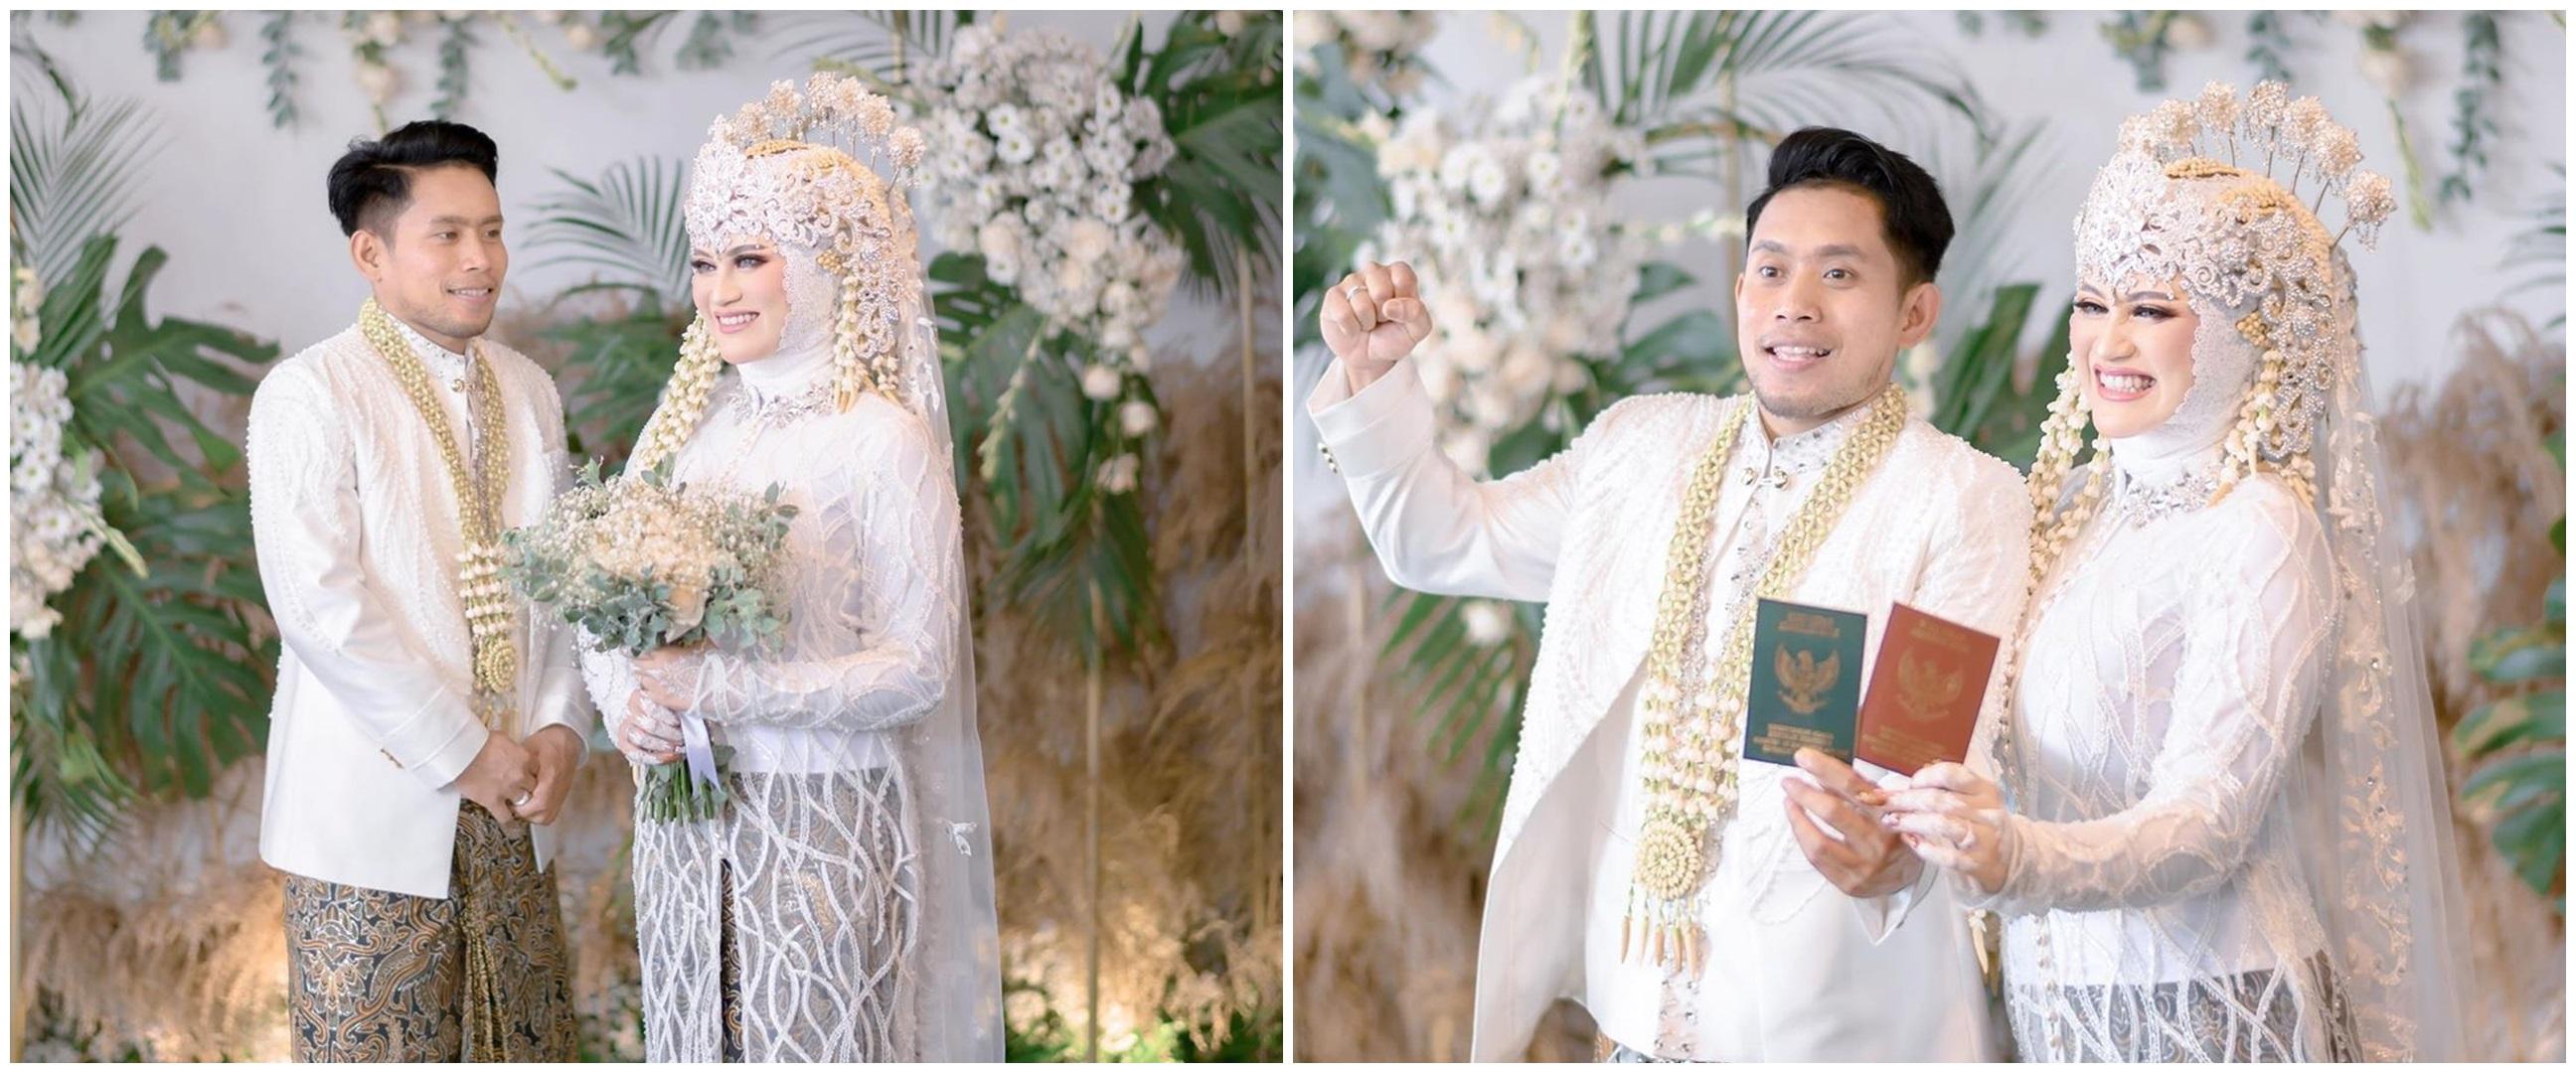 10 Momen pernikahan Andik Vermansyah & Silvia Anggun, sakral & syahdu